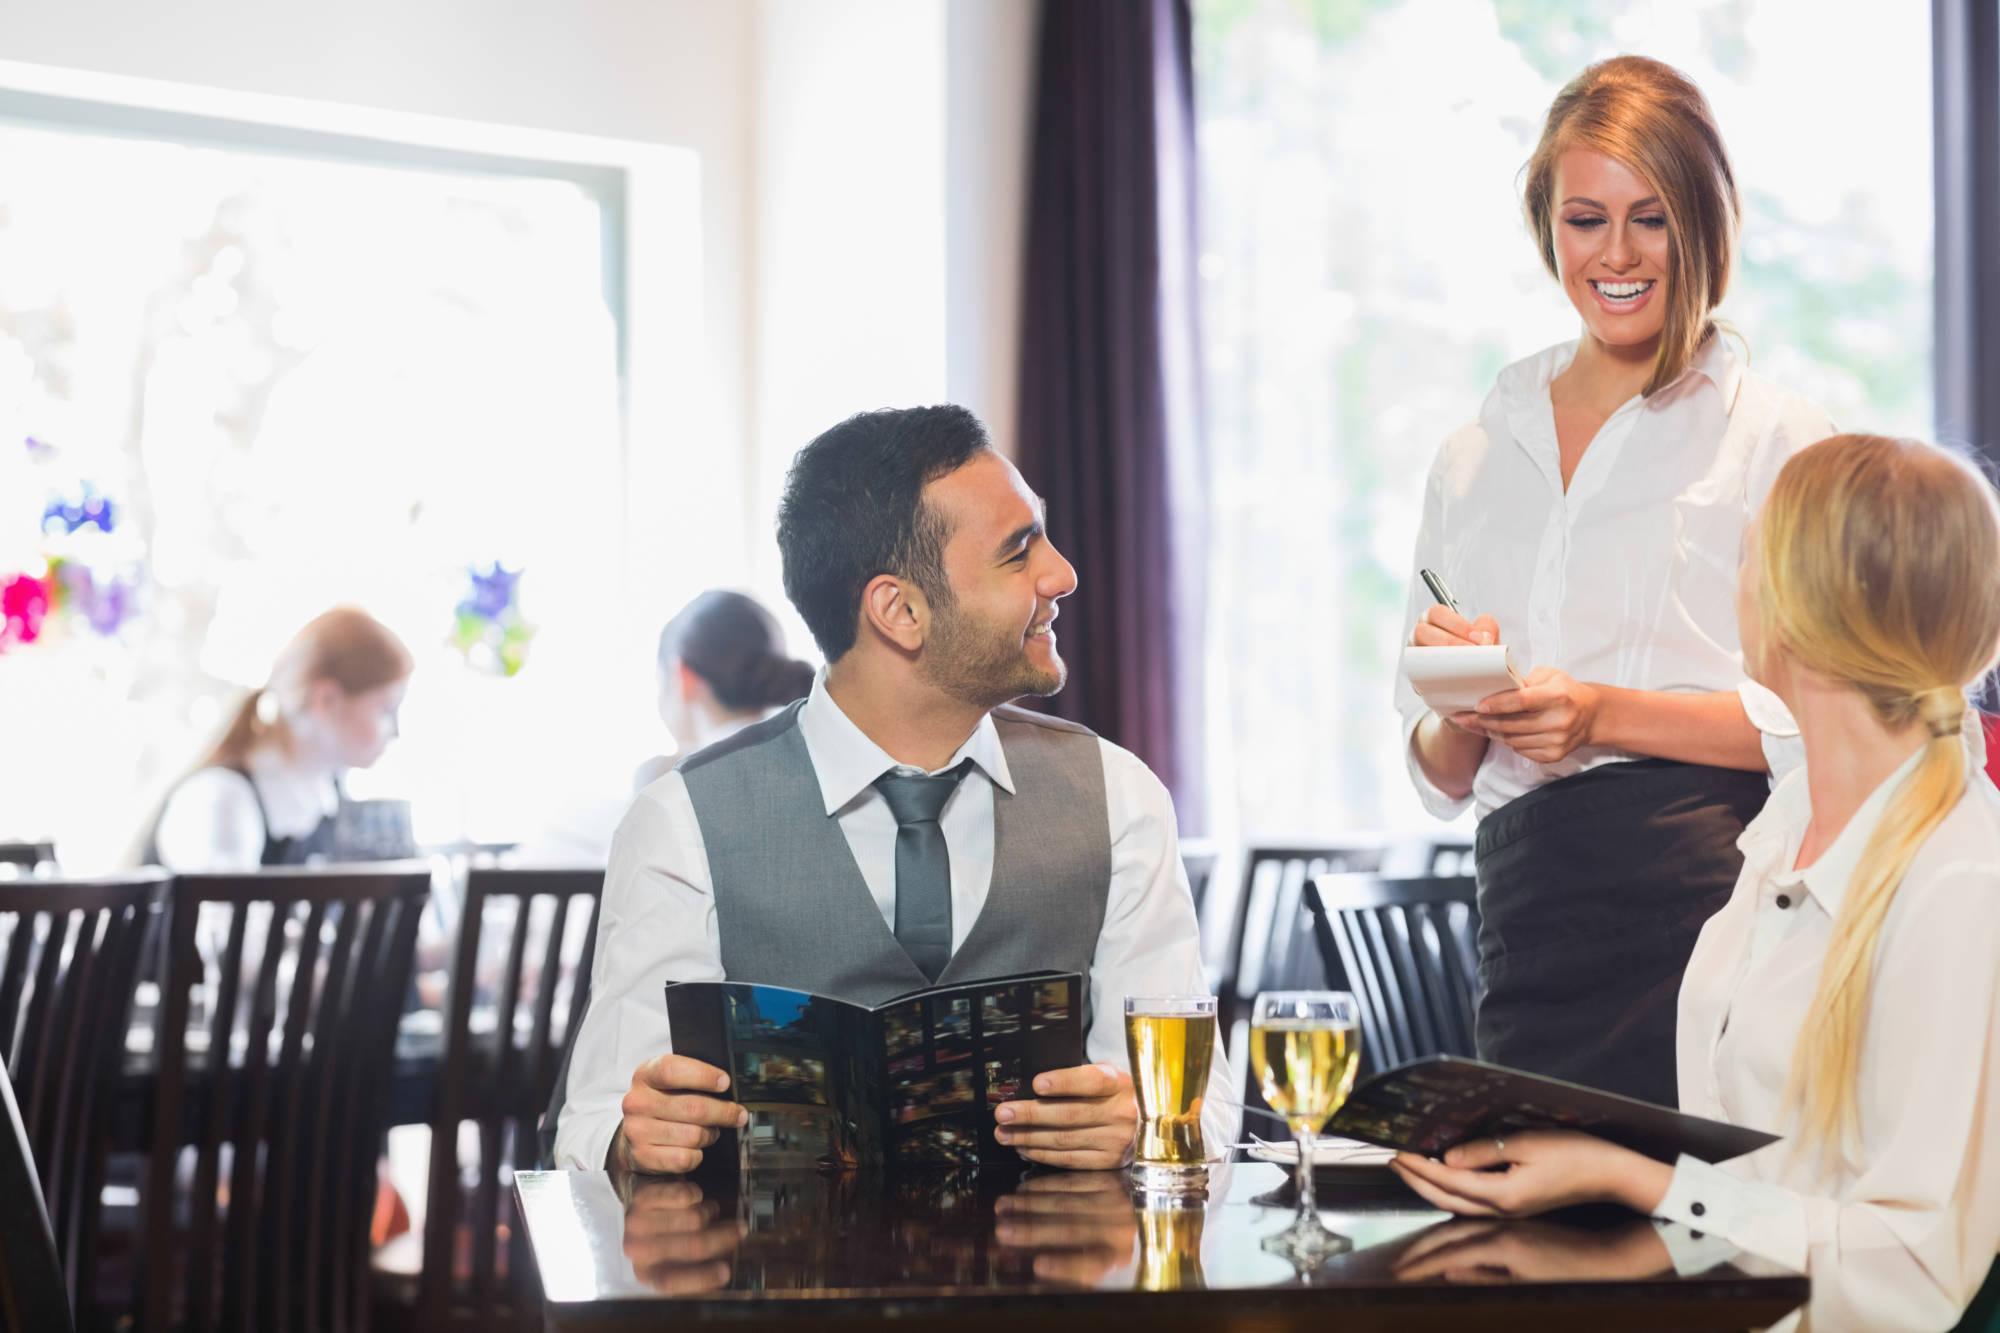 Как не нужно фотографировать человека в ресторане менее